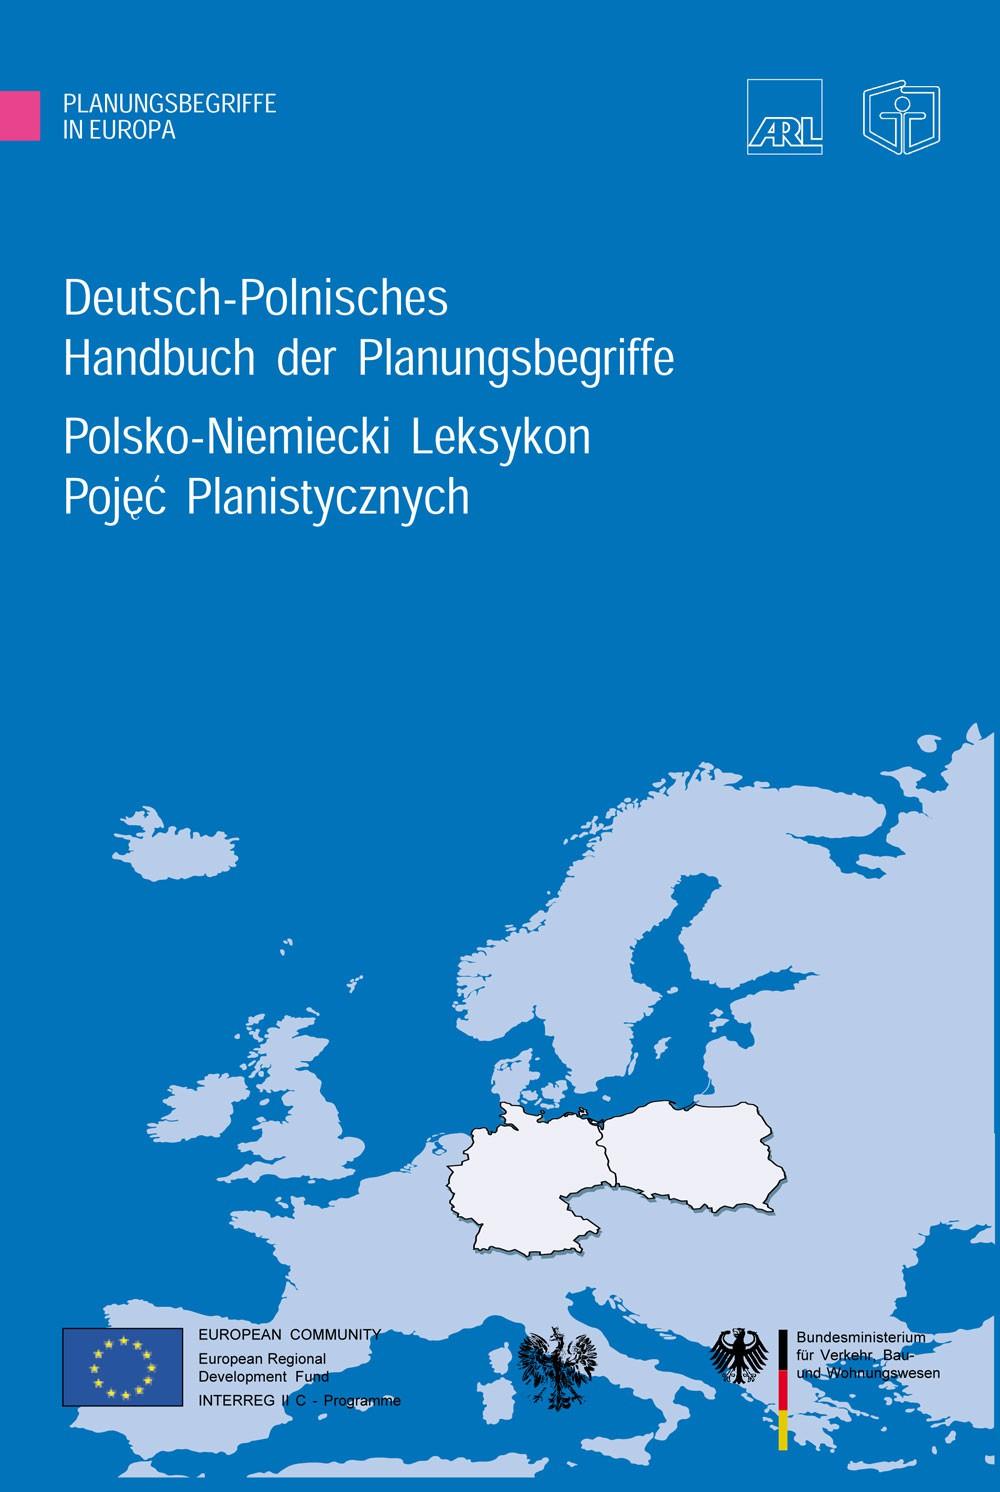 Deutsch-Polnisches Handbuch der Planungsbegriffe - Akademie für Raumforschung und Landesplanung (ARL)